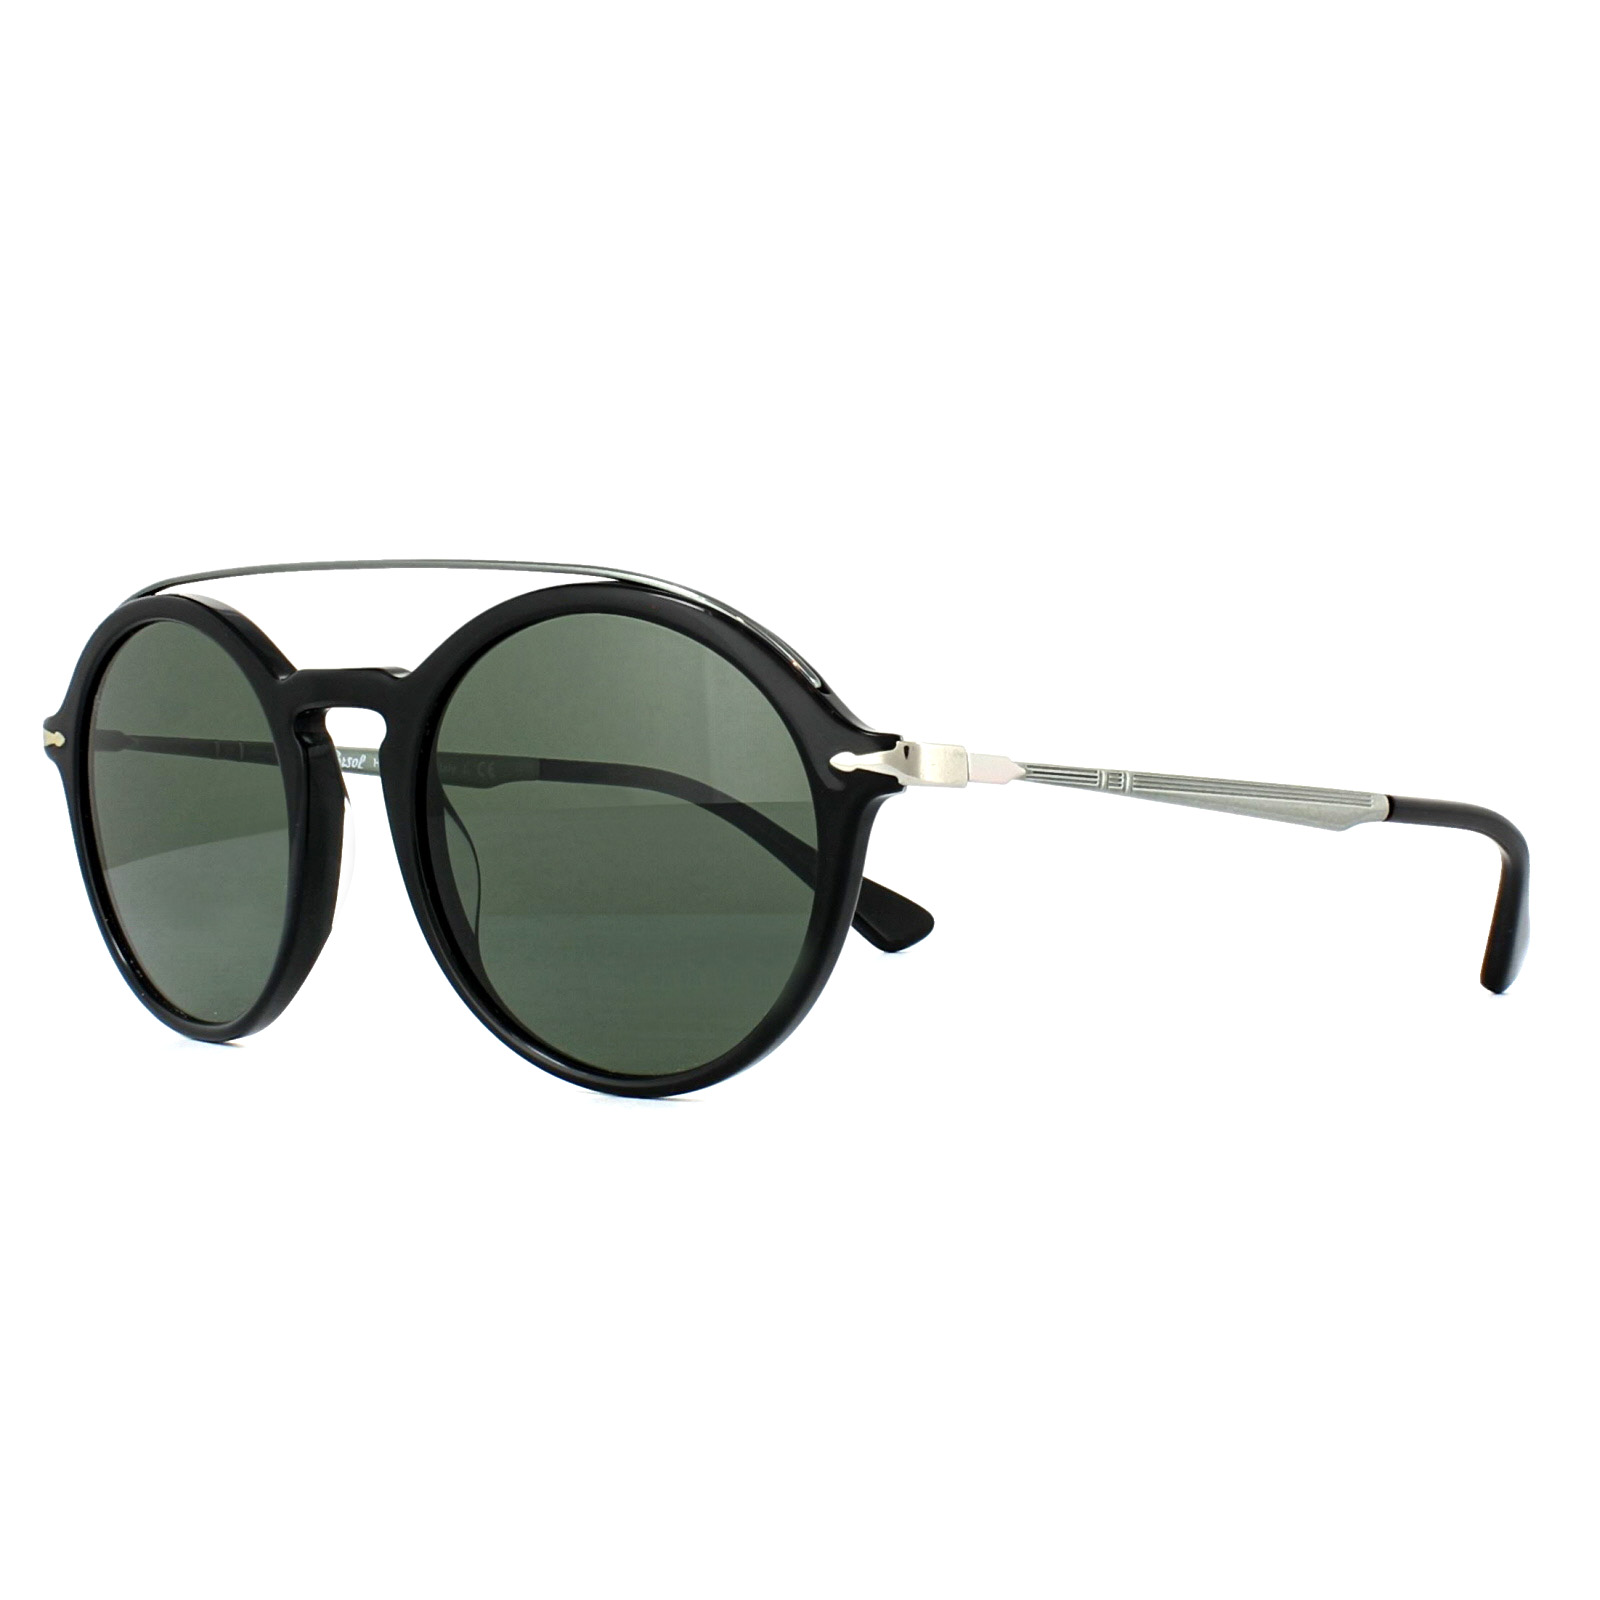 1b7e6b1170e2 Persol Sunglasses 3172S 95/31 Black Green 8053672764192 | eBay